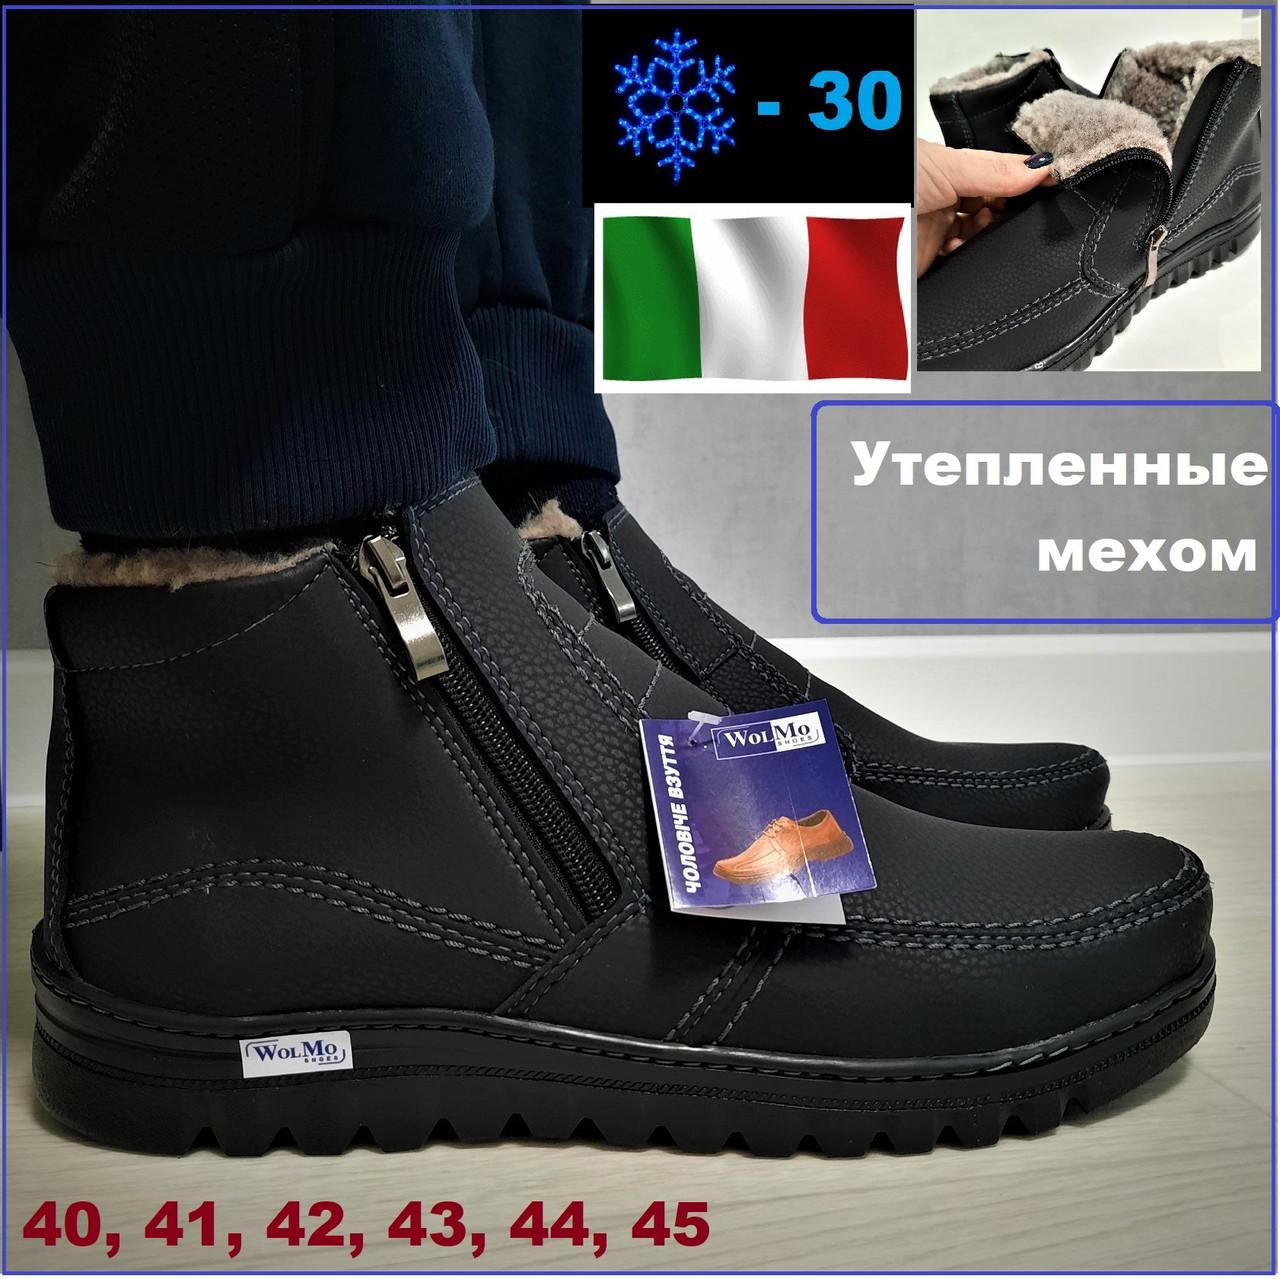 Мужские зимние кожаные ботинки классические, утепленные мехом. Термоботинки.